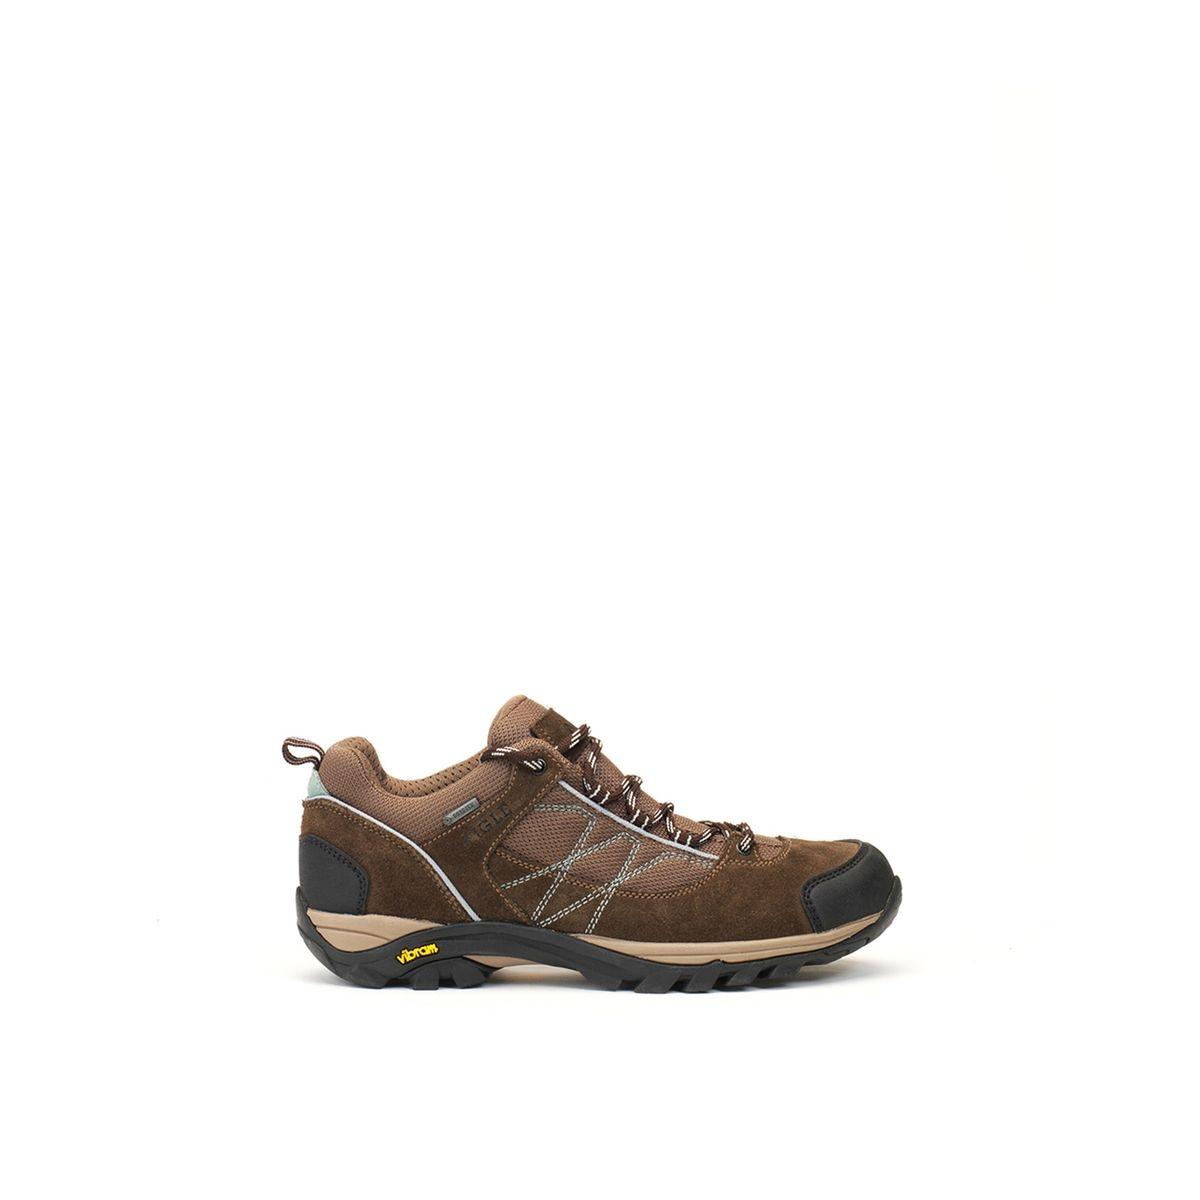 Chaussures petite randonnée Gore-Tex® MOOVEN